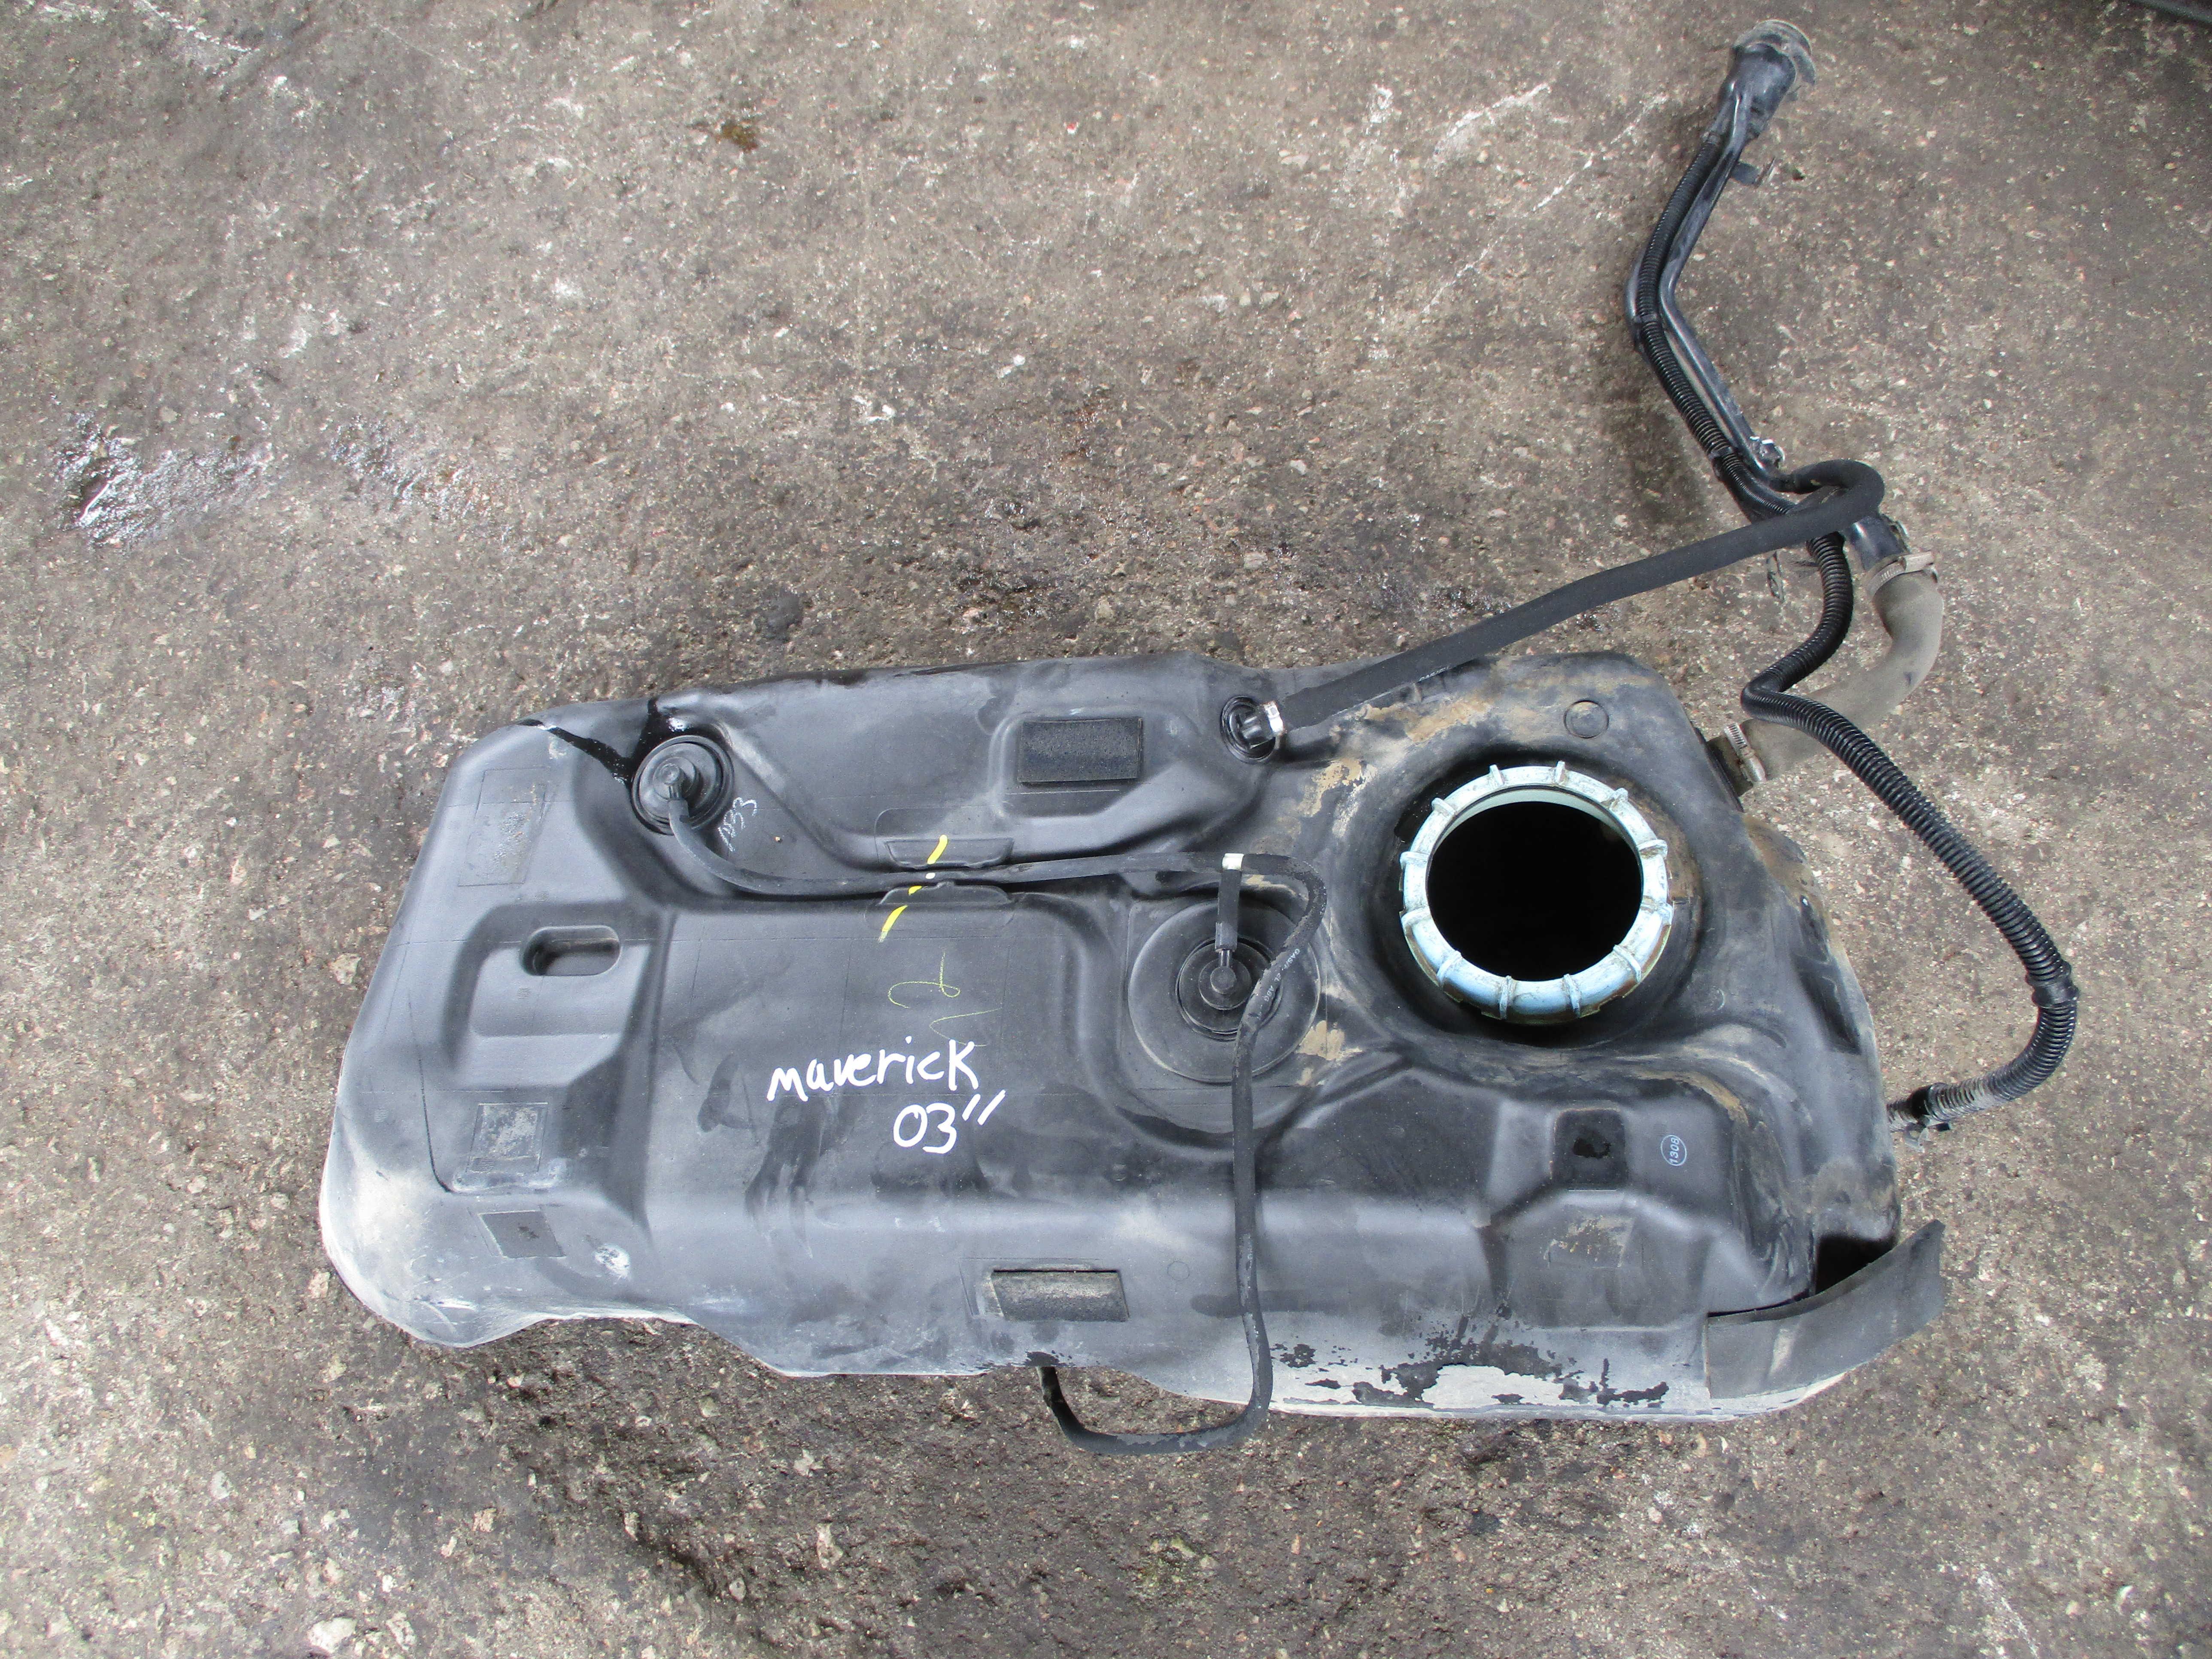 Ρεζερβουάρ Ford Maverick '03